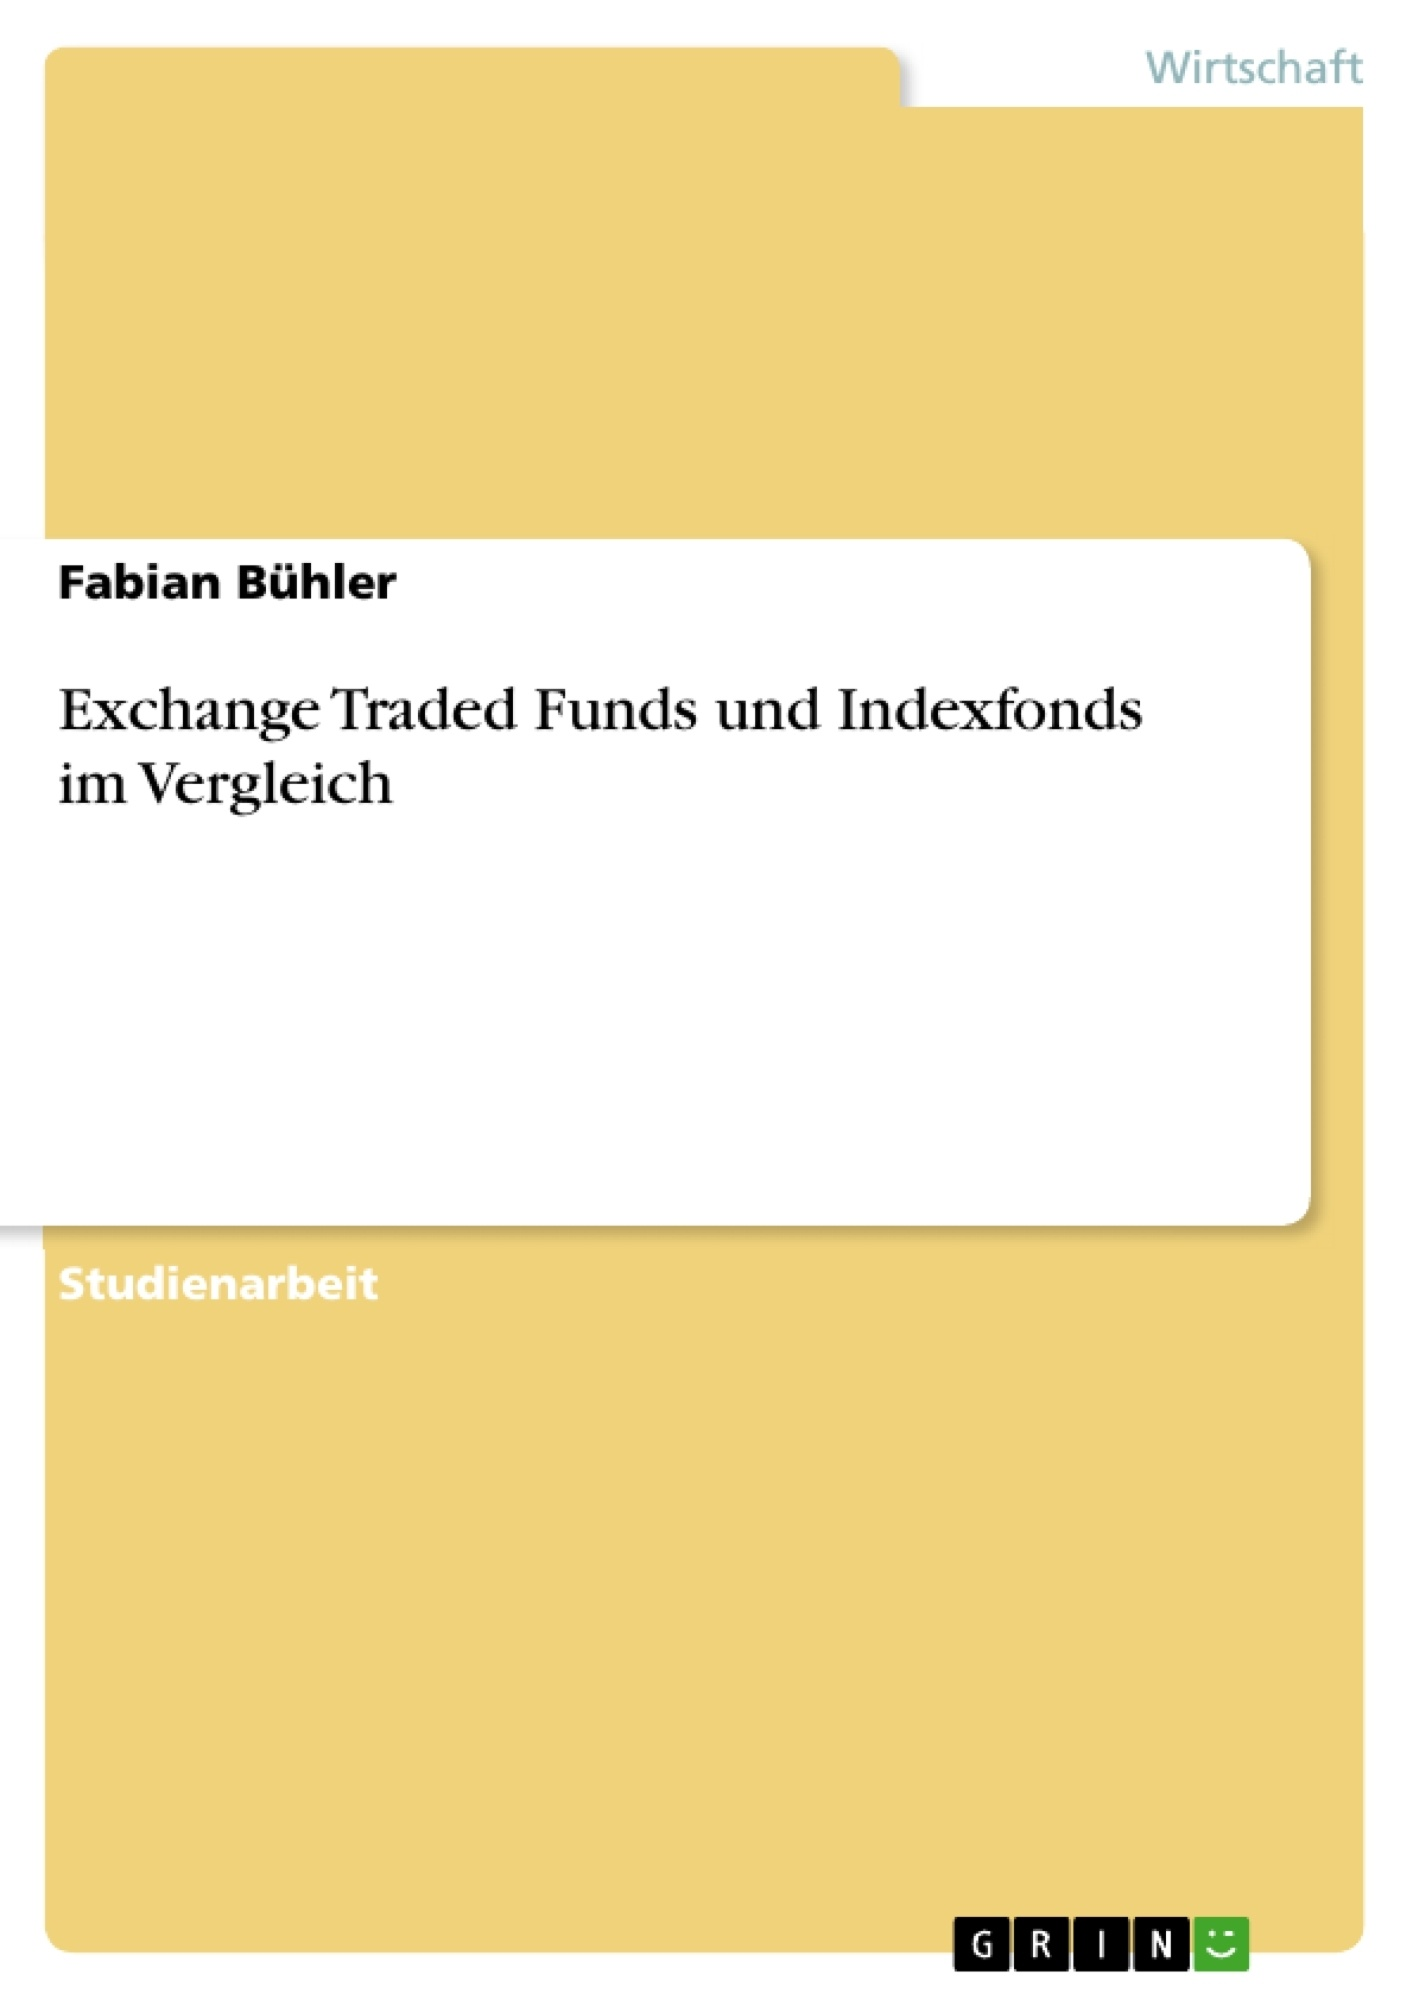 Titel: Exchange Traded Funds und Indexfonds im Vergleich